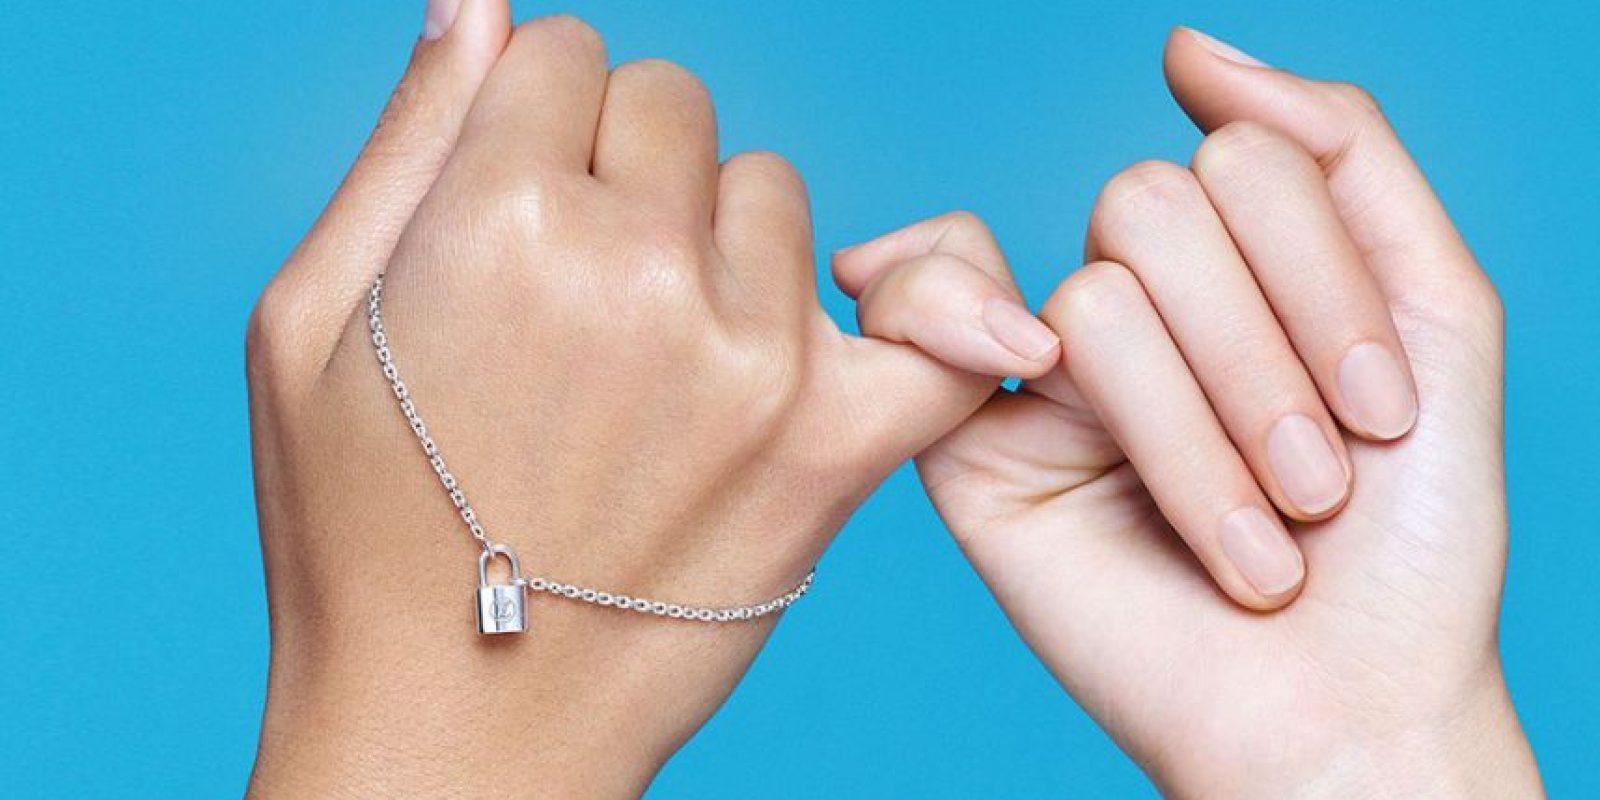 Louis Vuitton ha lanzado dos piezas de joyería diseñadas exclusivamente para recaudar fondos a beneficio de UNICEF y ayudar a niños necesitados. Foto:Fuente Externa